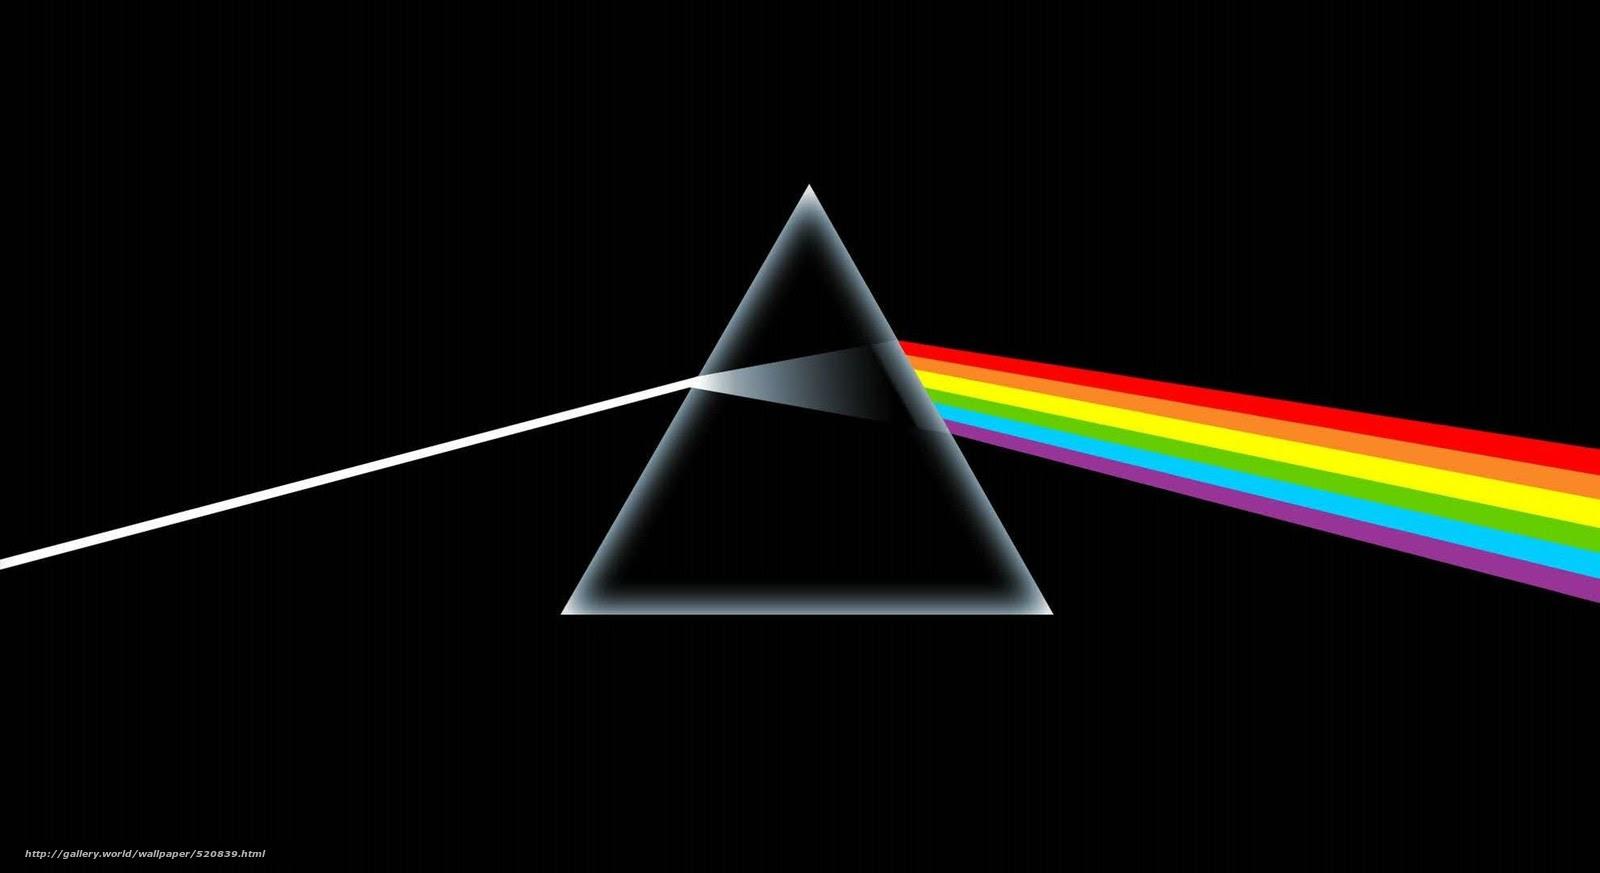 壁紙をダウンロード プリズム 黒 虹 デスクトップの解像度のための